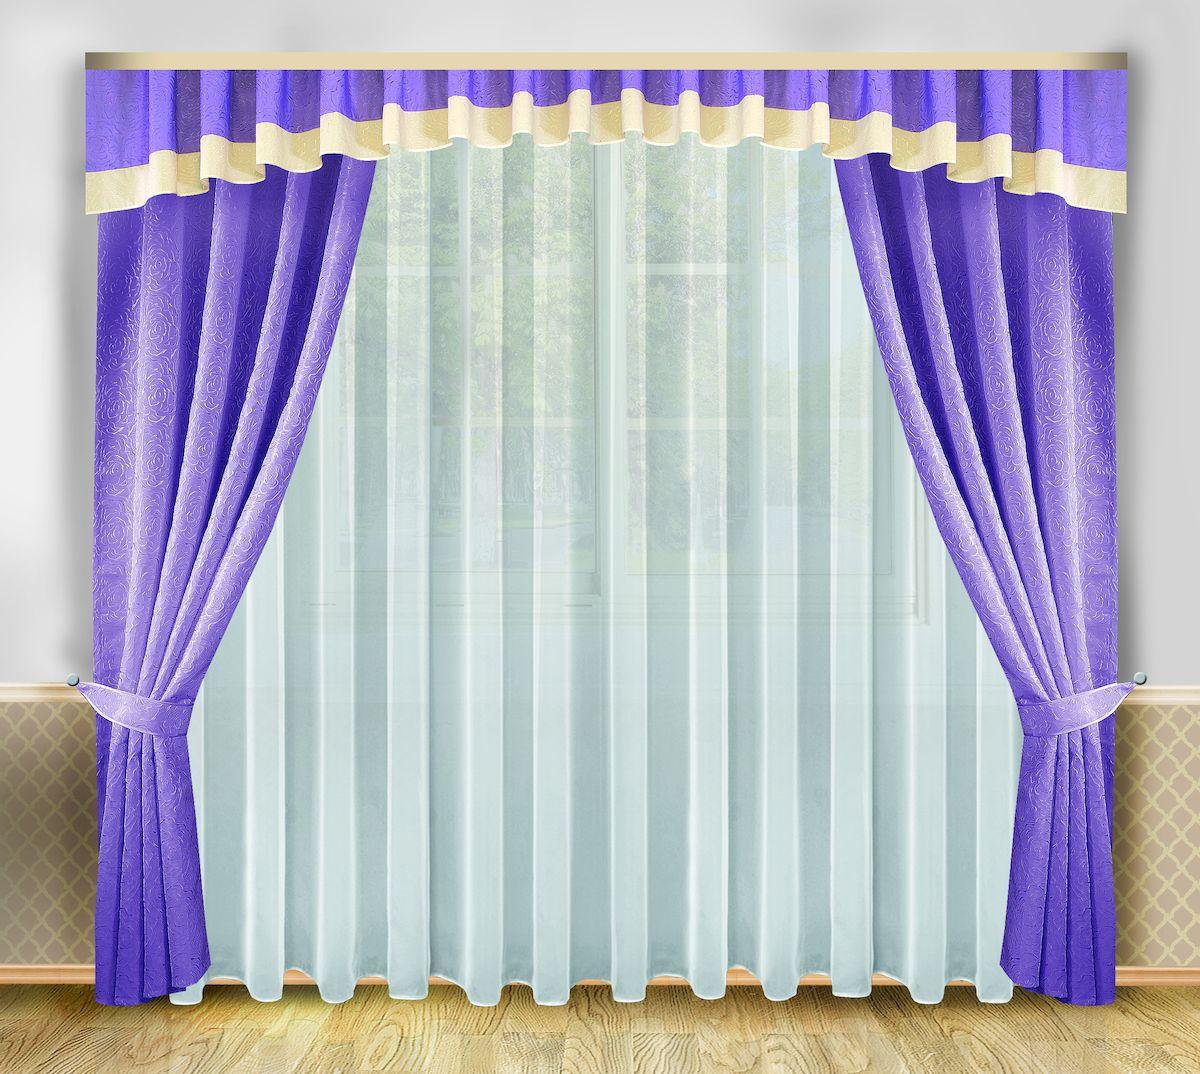 Комплект штор Zlata Korunka, на ленте, цвет: сиреневый, высота 250 см. 33333039111453630Комплект штор Zlata Korunka, выполненный из полиэстера, великолепно украсит любое окно. Комплект состоит из тюля, ламбрекена, двух штор и двух подхватов. Изящный узор и приятная цветовая гамма привлекут к себе внимание и органично впишутся в интерьер помещения. Этот комплект будет долгое время радовать вас и вашу семью!Комплект крепится на карниз при помощи ленты, которая поможет красиво и равномерно задрапировать верх.В комплект входит: Тюль: 1 шт. Размер (Ш х В): 400 см х 250 см. Ламбрекен: 1 шт. Размер (Ш х В): 550 см х 40 см. Штора: 2 шт. Размер (Ш х В): 138 см х 250 см.Подхват: 2 шт.